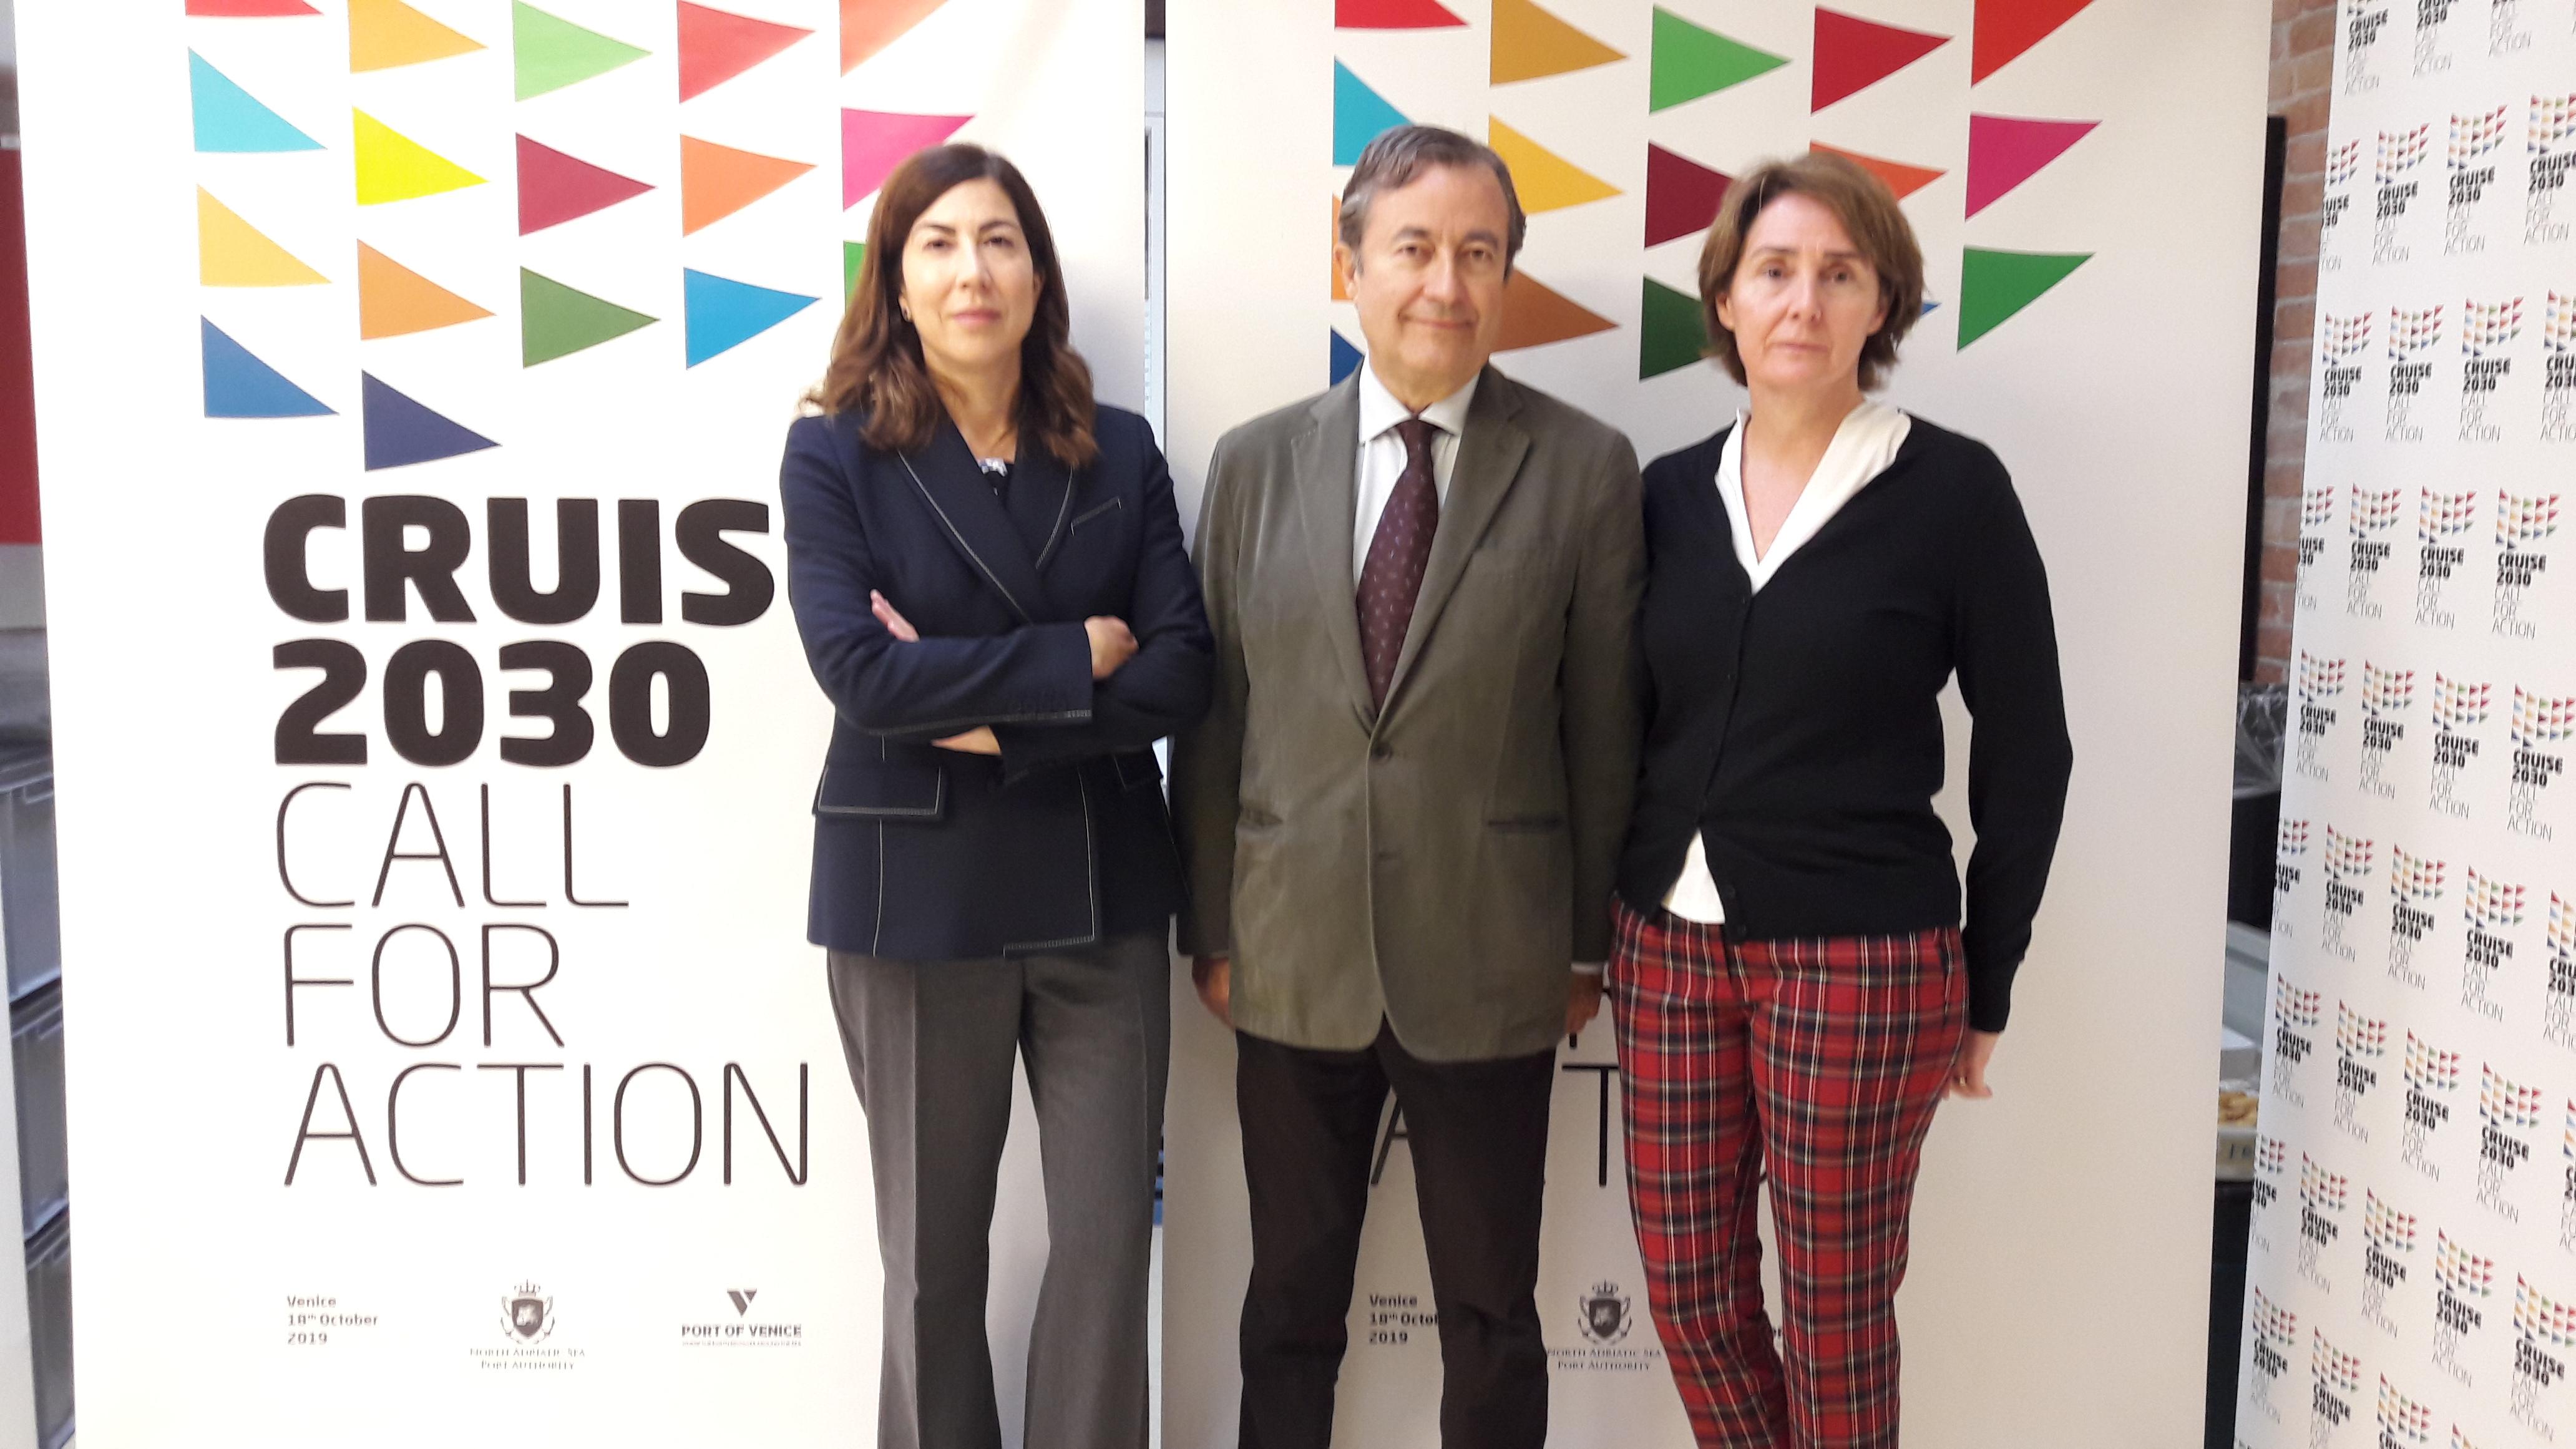 Rosa Ana Morillo, Dir. Gral de Turisme y miembro del Consejo de Administración de la APB, Joan Gual de Torrella, presidente de la APB y Xisca Leal, comercial de la APB.